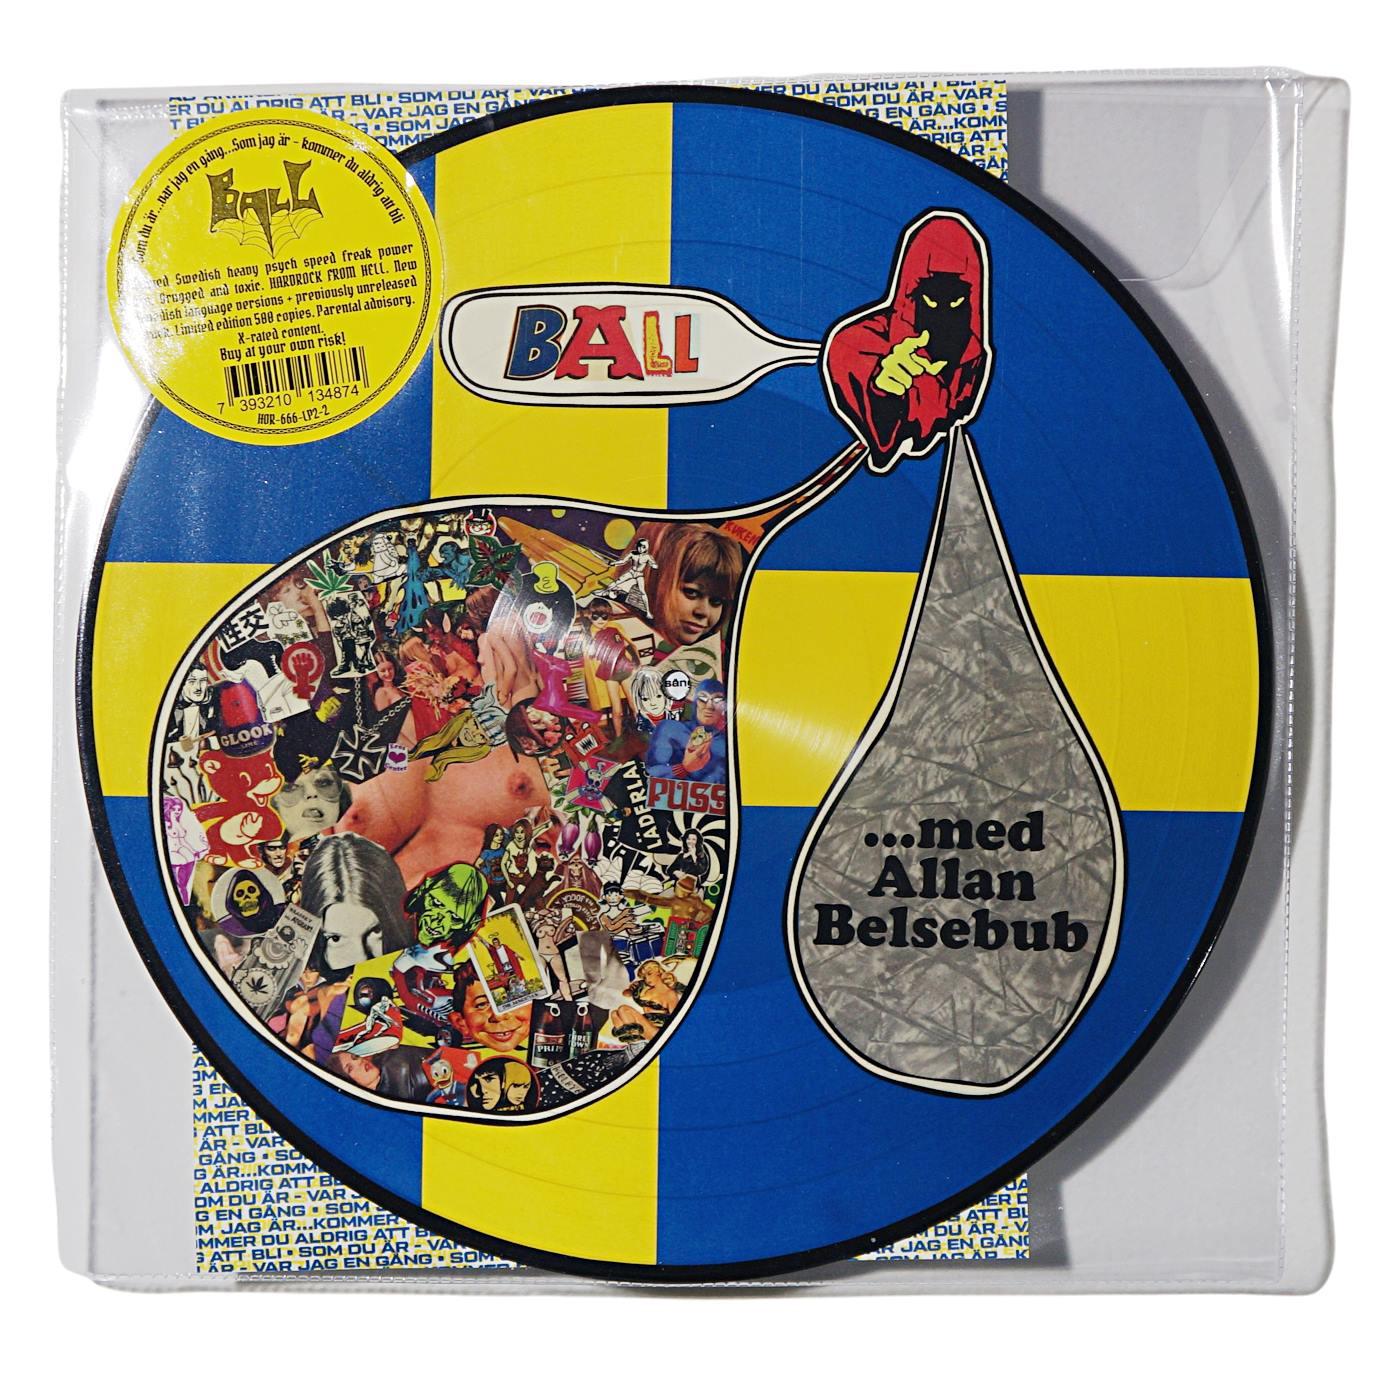 BALL-Som Du ar…Var jag en gang…Som jag ar-Kommer du aldrig att bli (LP Ltd.500 Picture Disc)